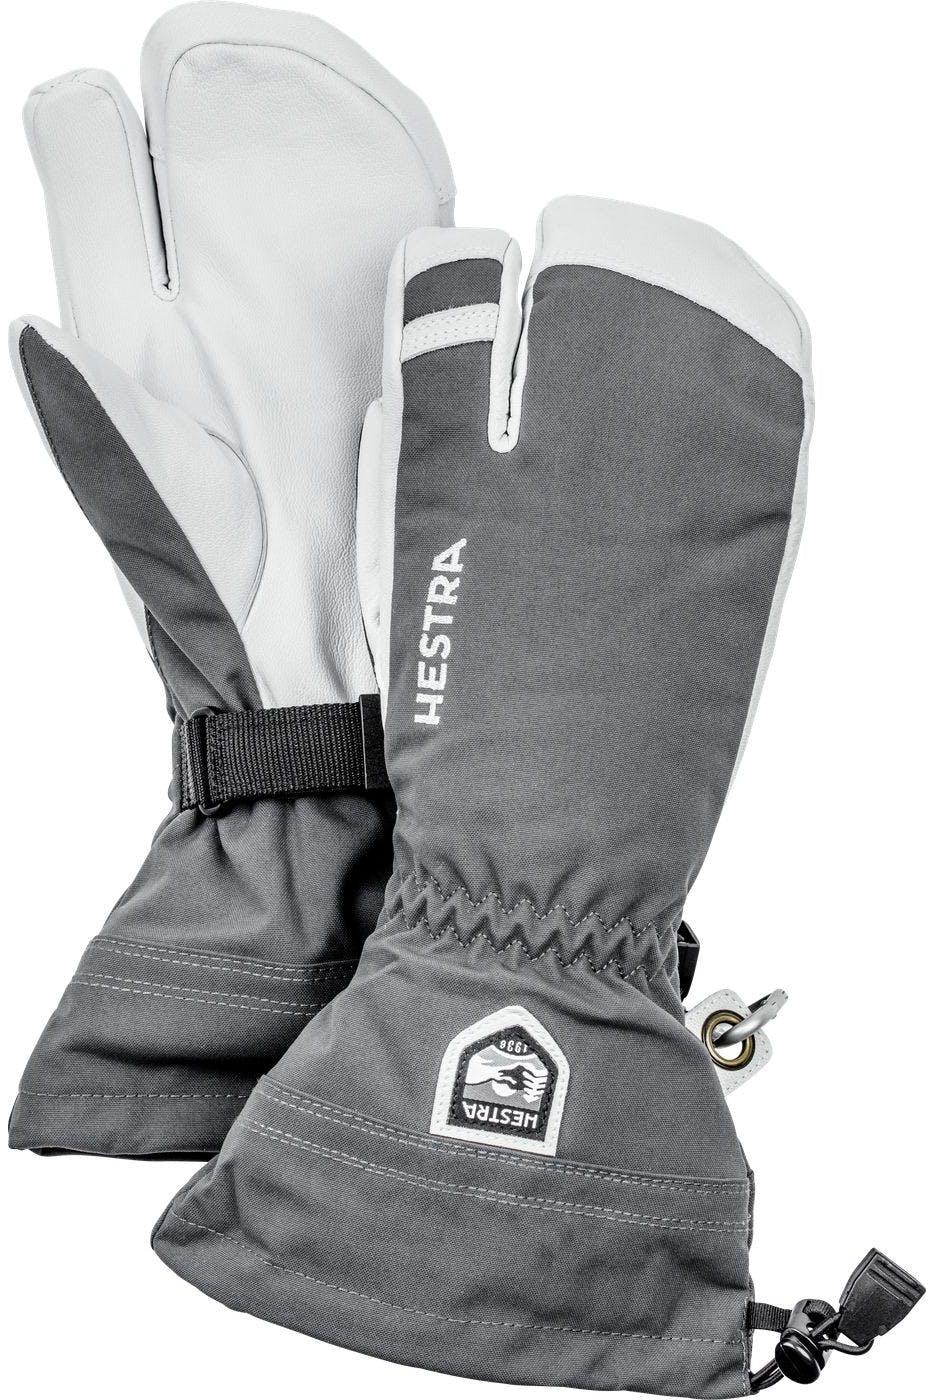 Hestra Heli 3-finger 11 Grey